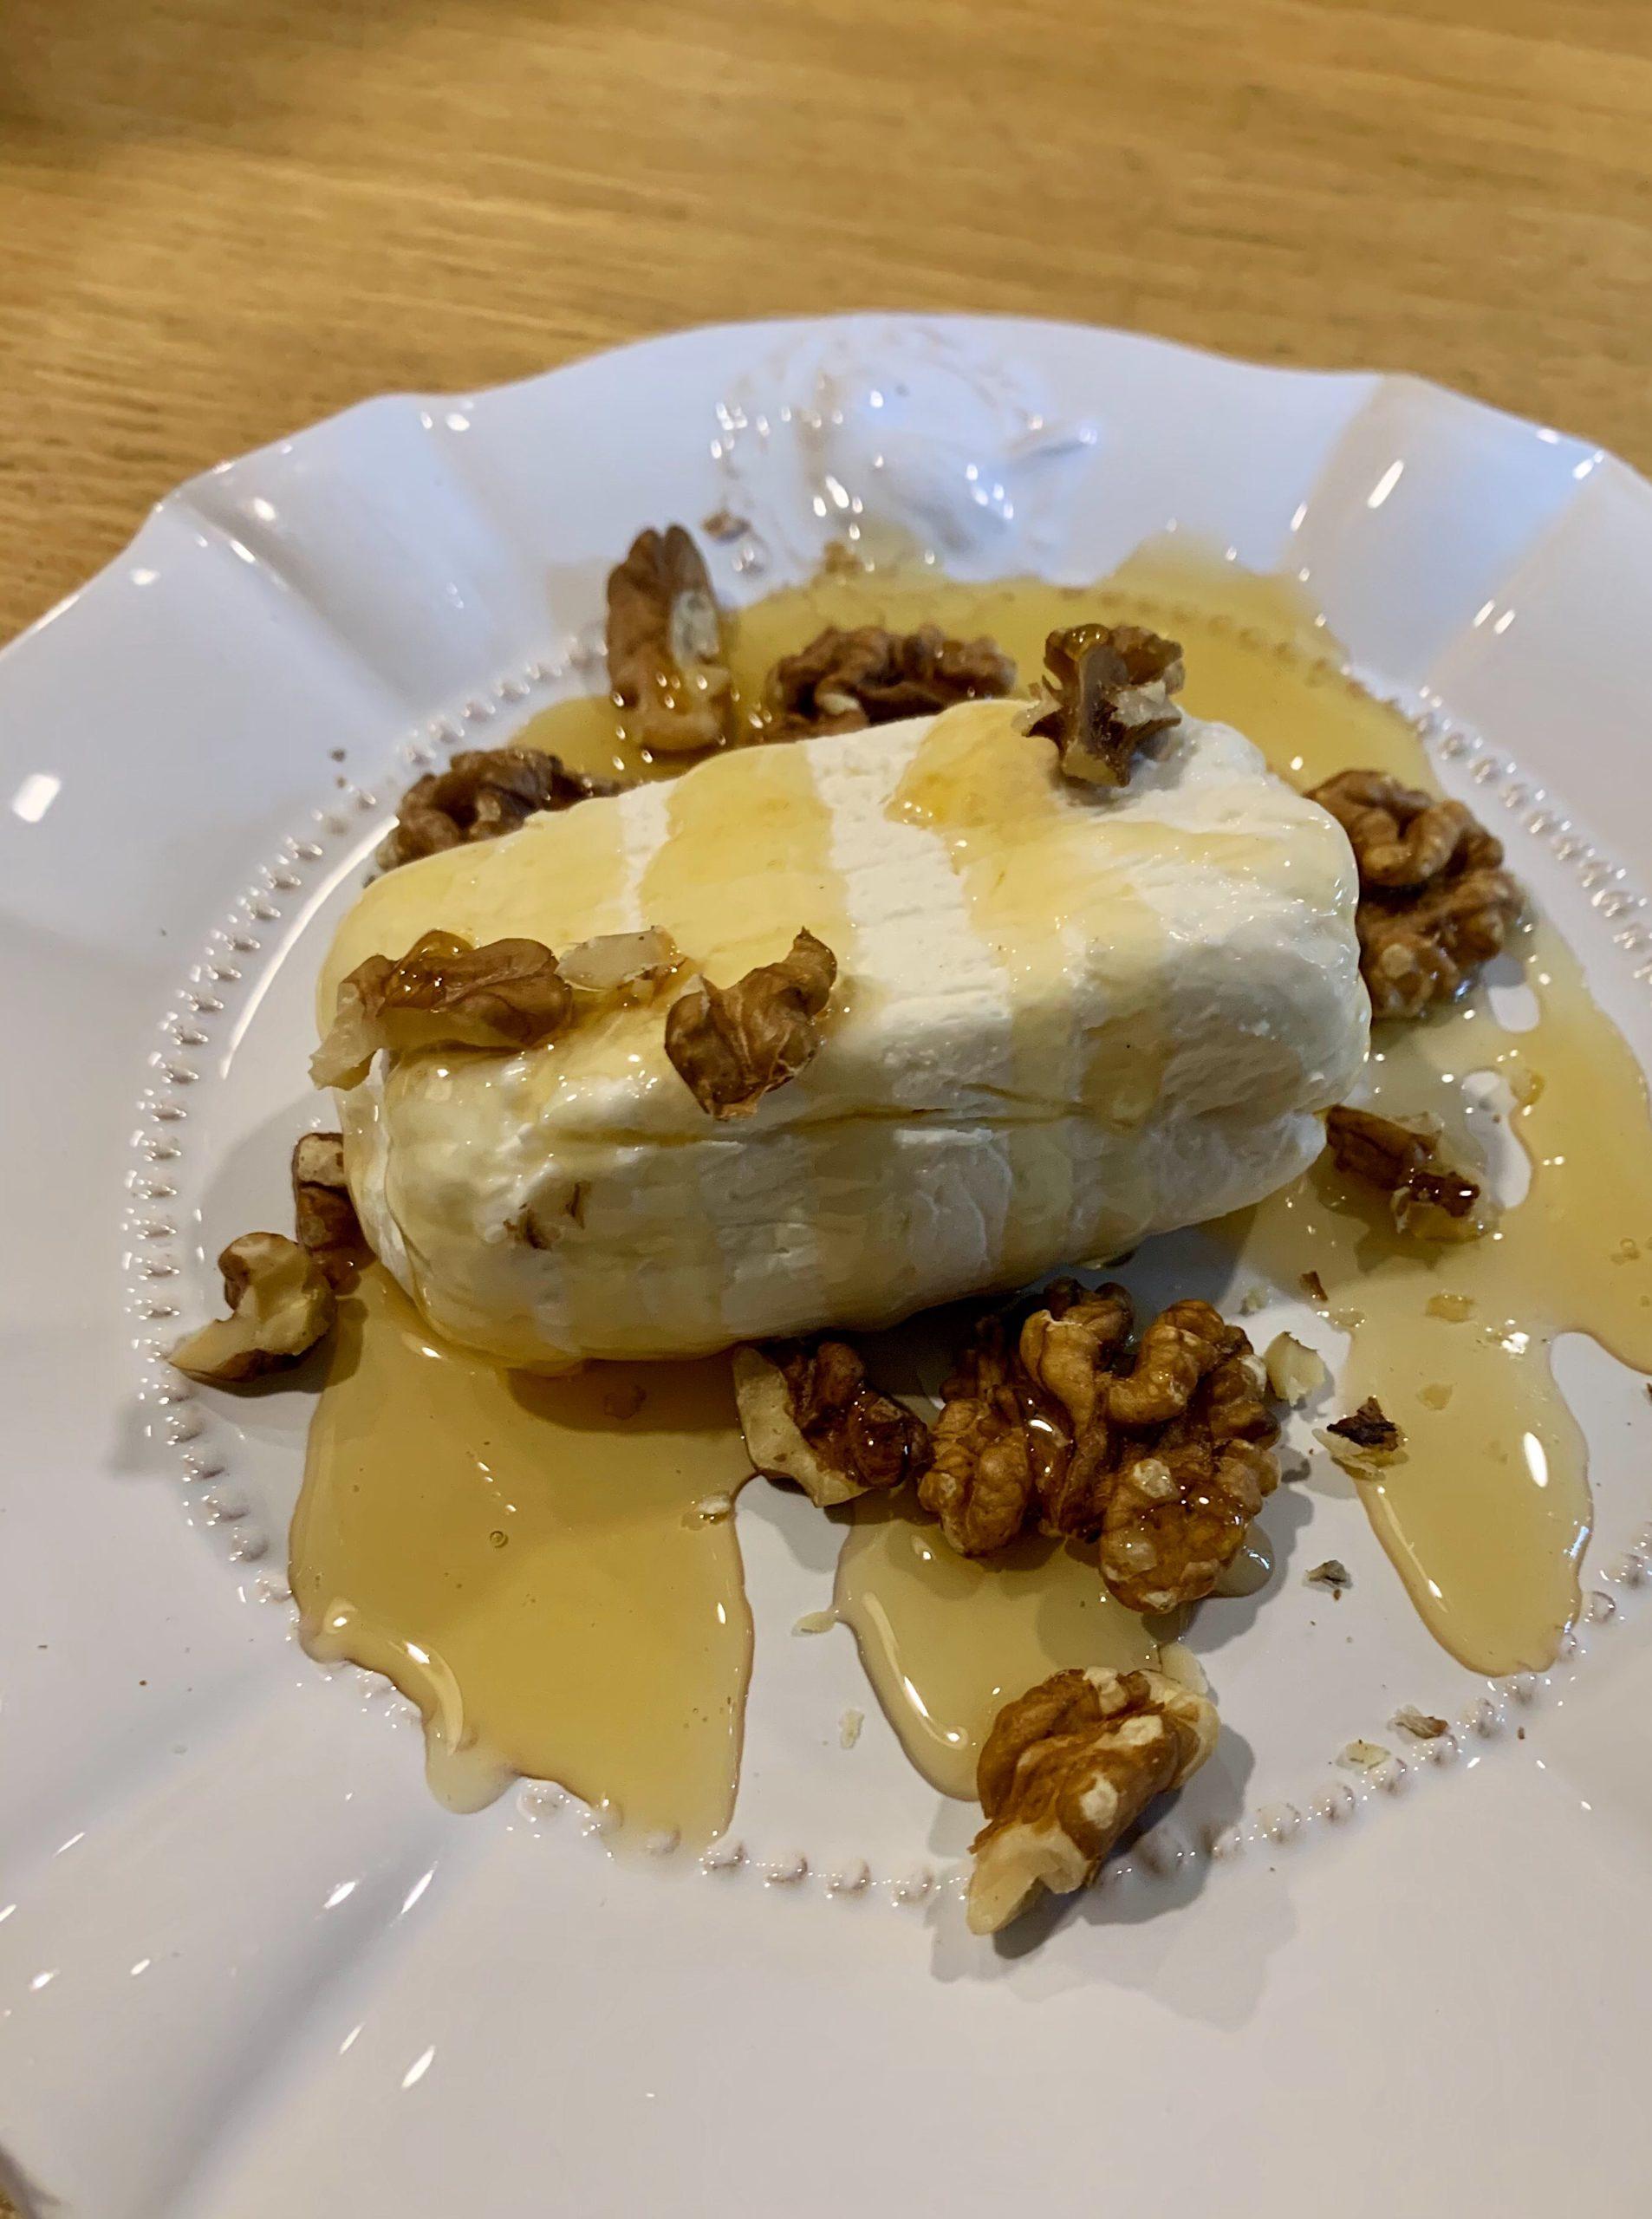 Requeixo das Neves con miel y nueces